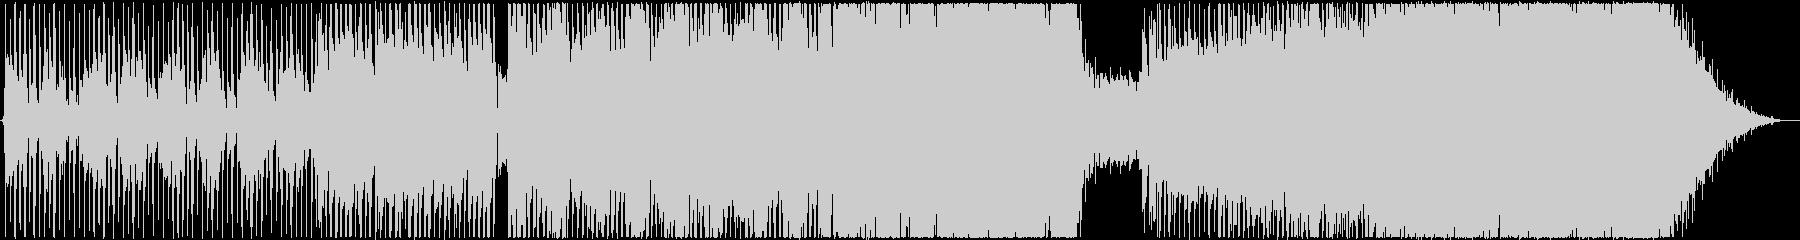 行列の未再生の波形